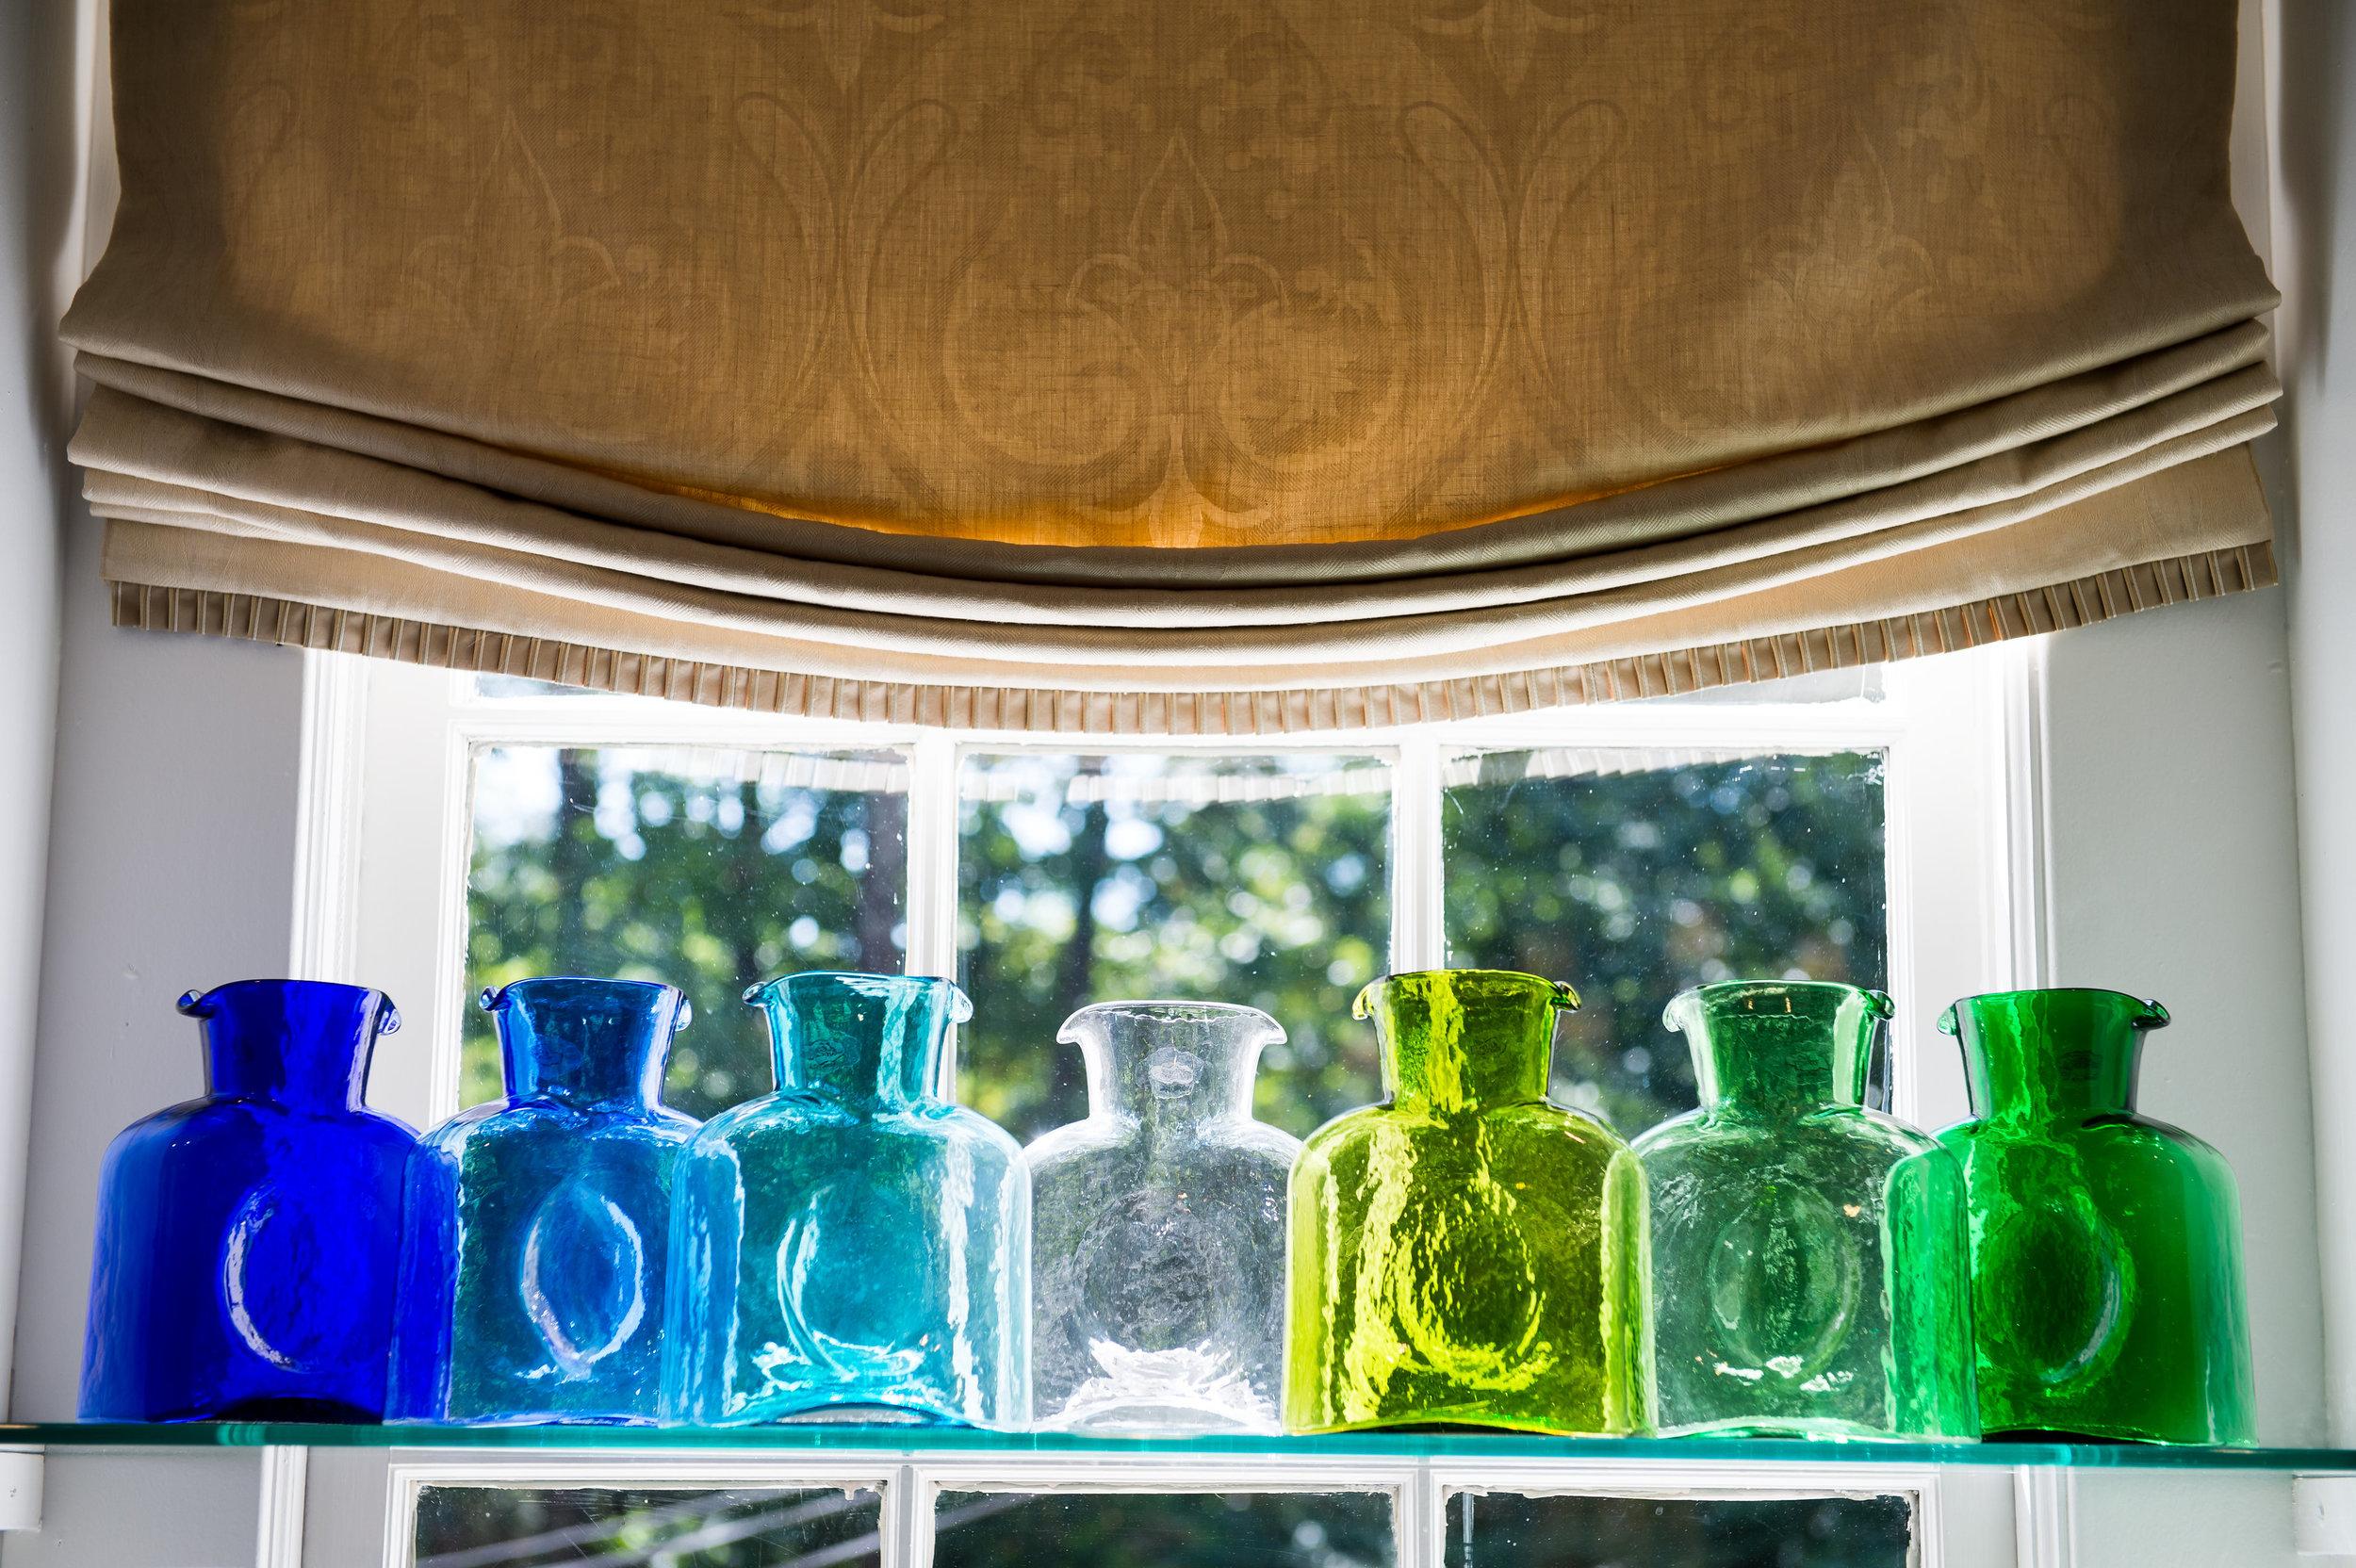 Glass Vases in a gift shop in Atlanta, GA